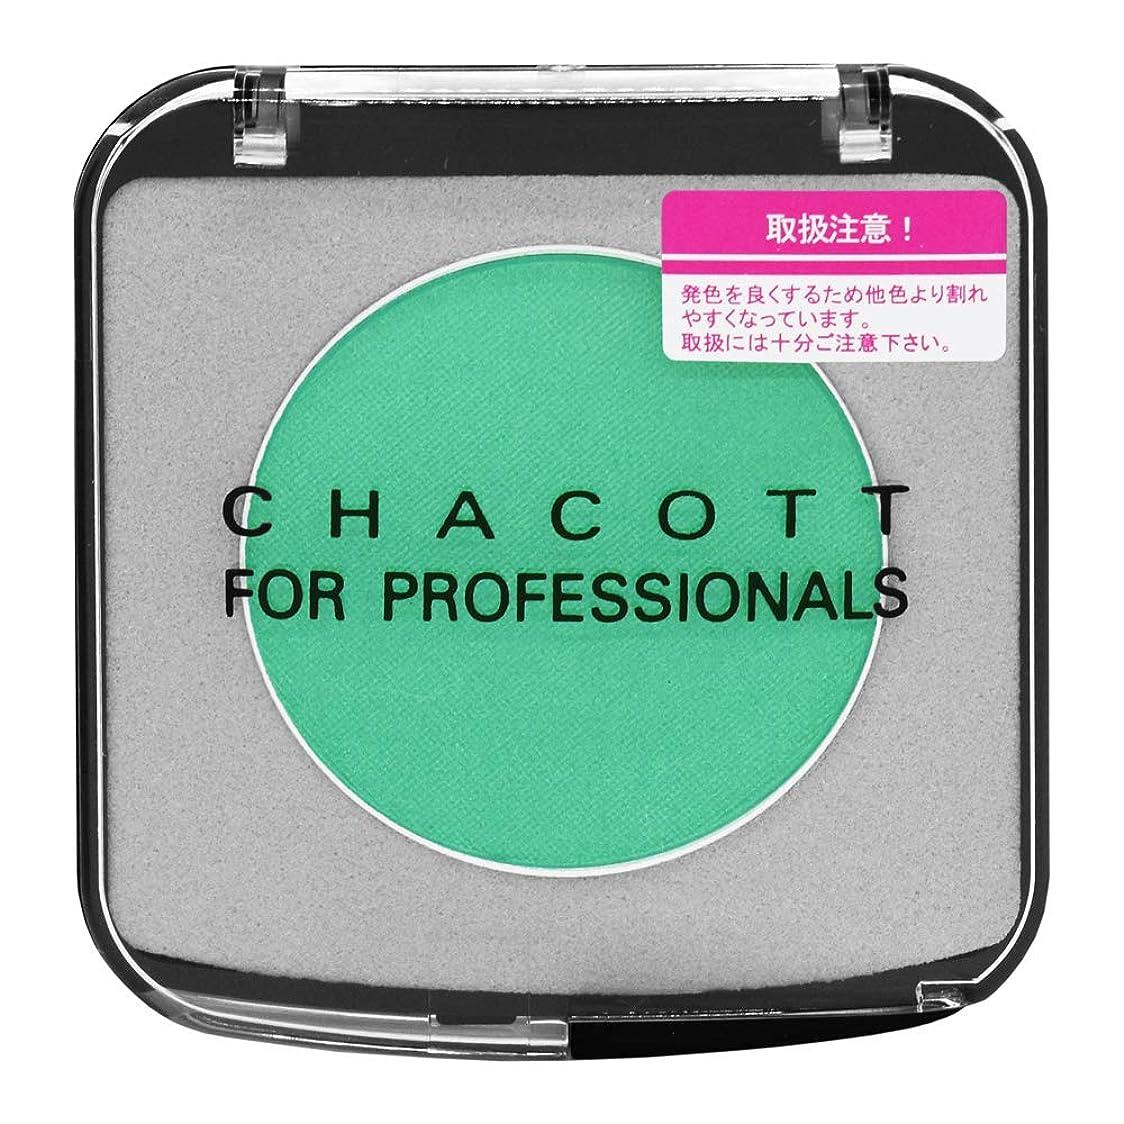 自動化切り下げ化学者CHACOTT<チャコット> メイクアップカラーバリエーション<ウィンキング> 675.デコアクアグリーン